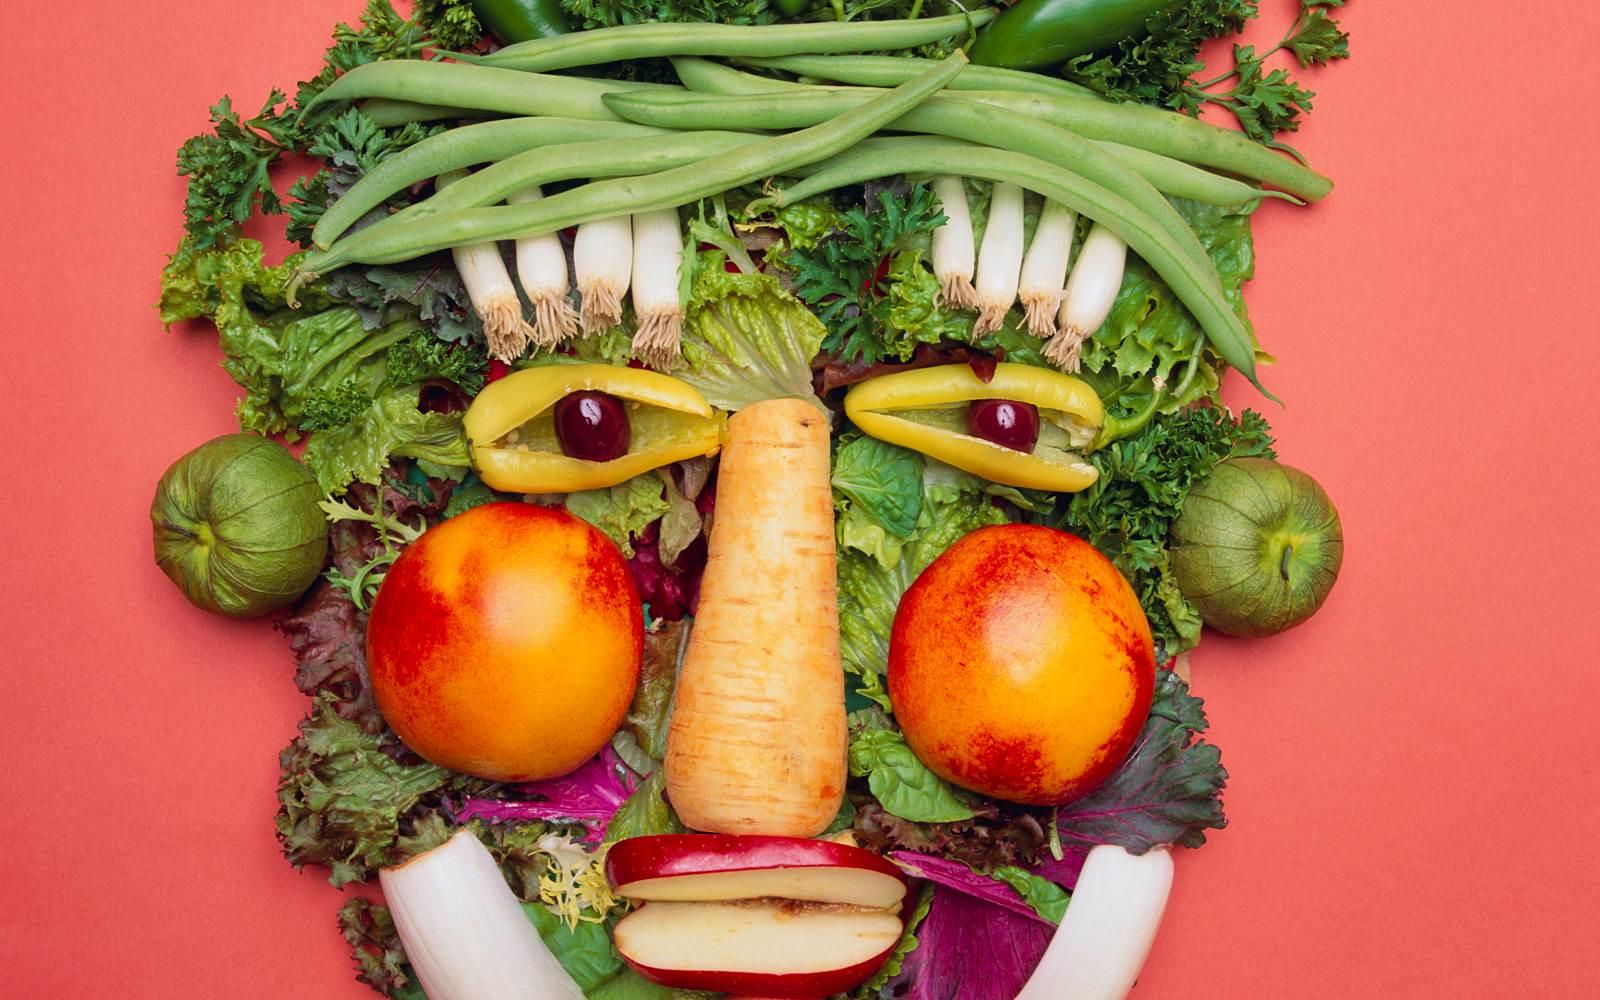 Мясо: есть или не есть? Топ-10 доводов вегетарианцев